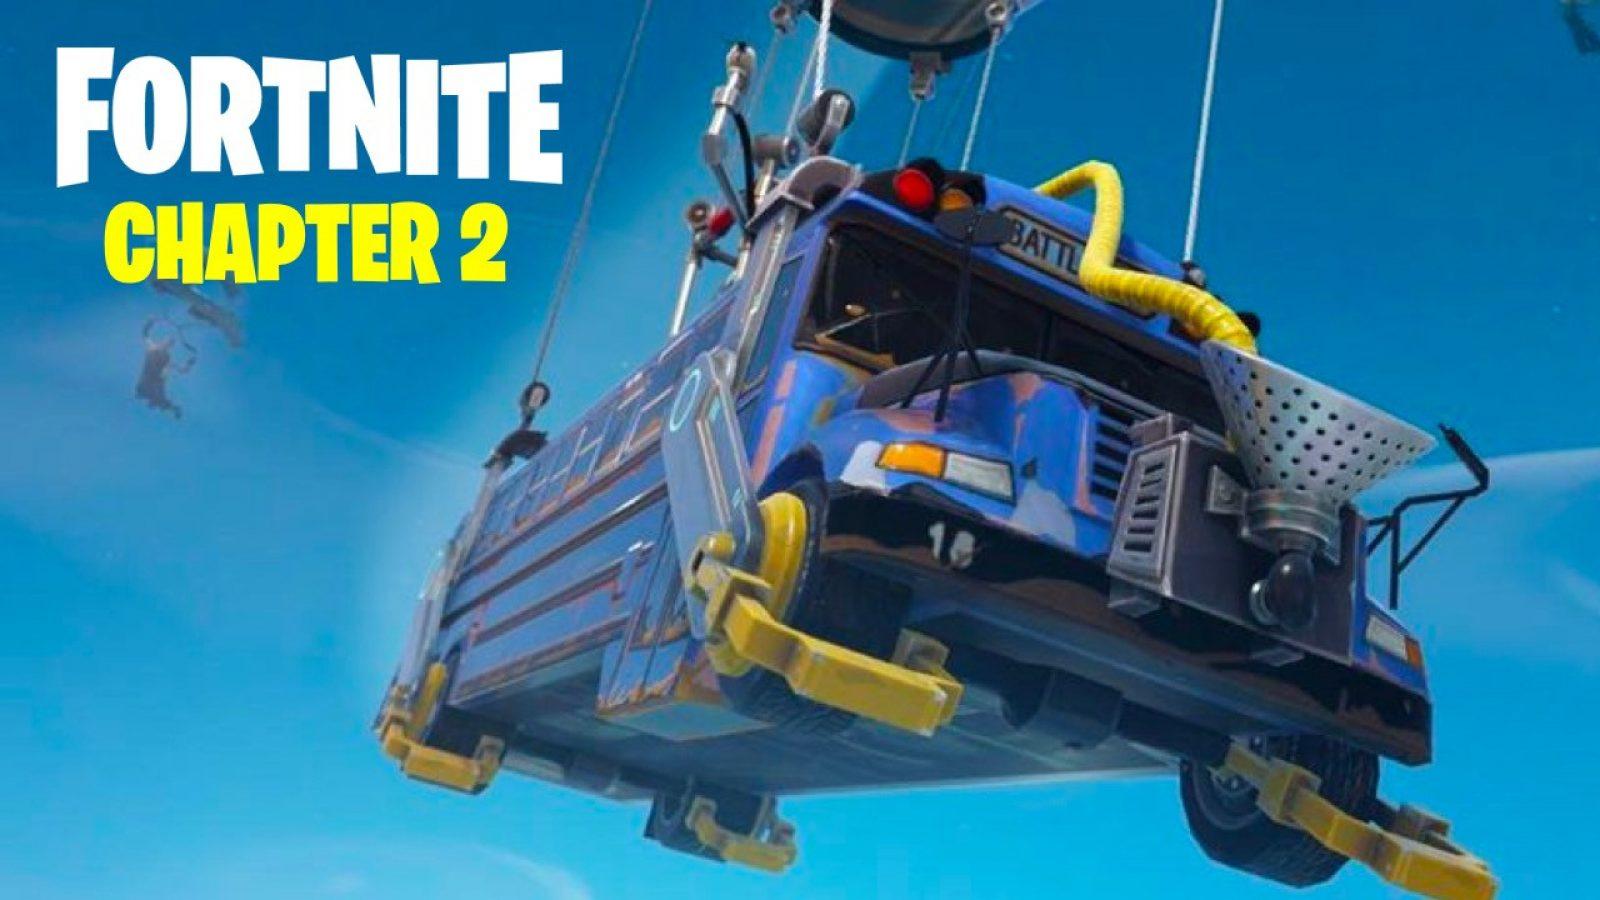 Fortnite chapter 2 leaked